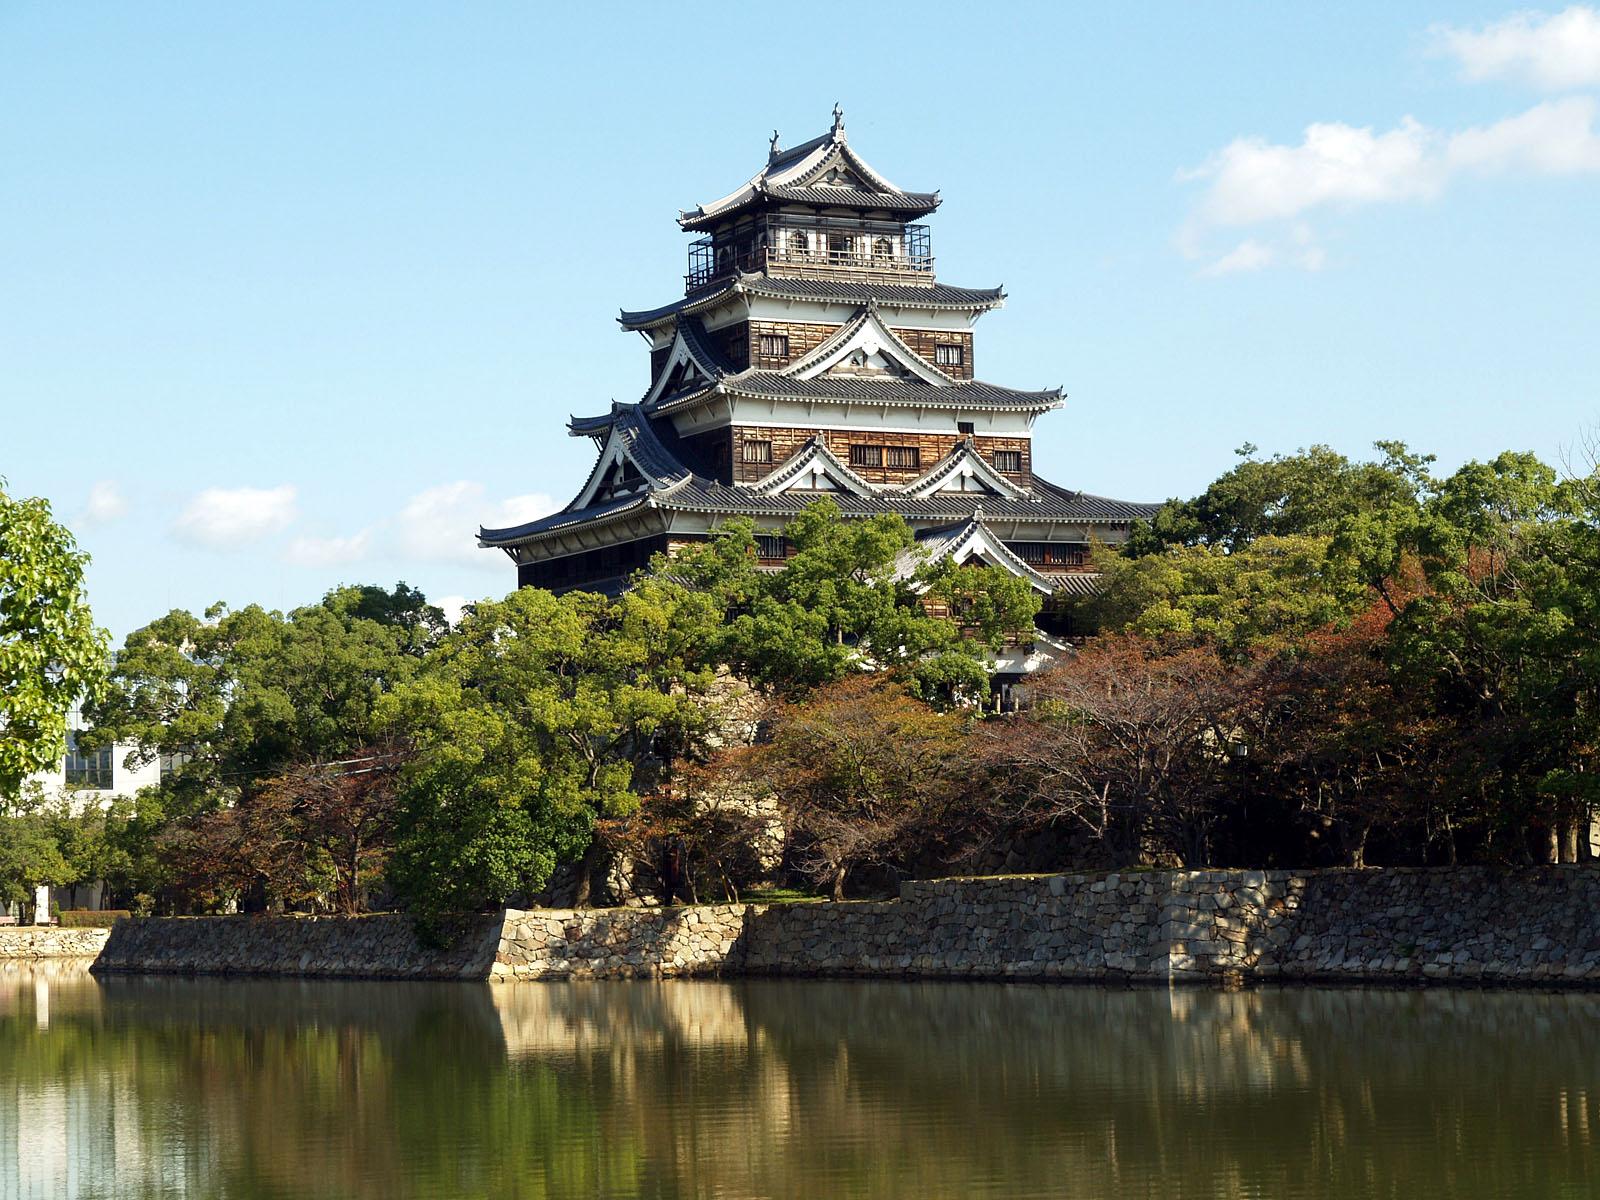 広島で味わわにゃいけん!広島の人気ランチスポット5選じゃけぇ♡のサムネイル画像